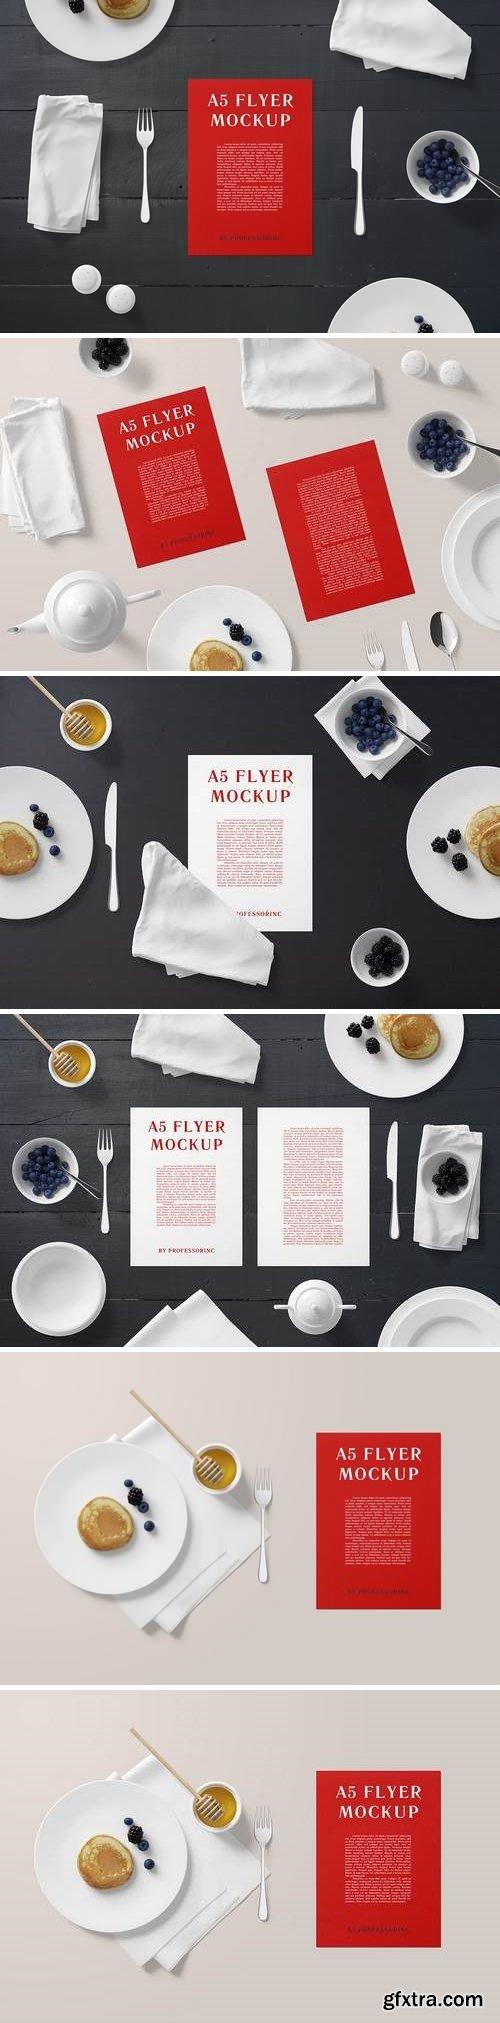 A5 Portrait Flyer Mockup - Breakfast Set